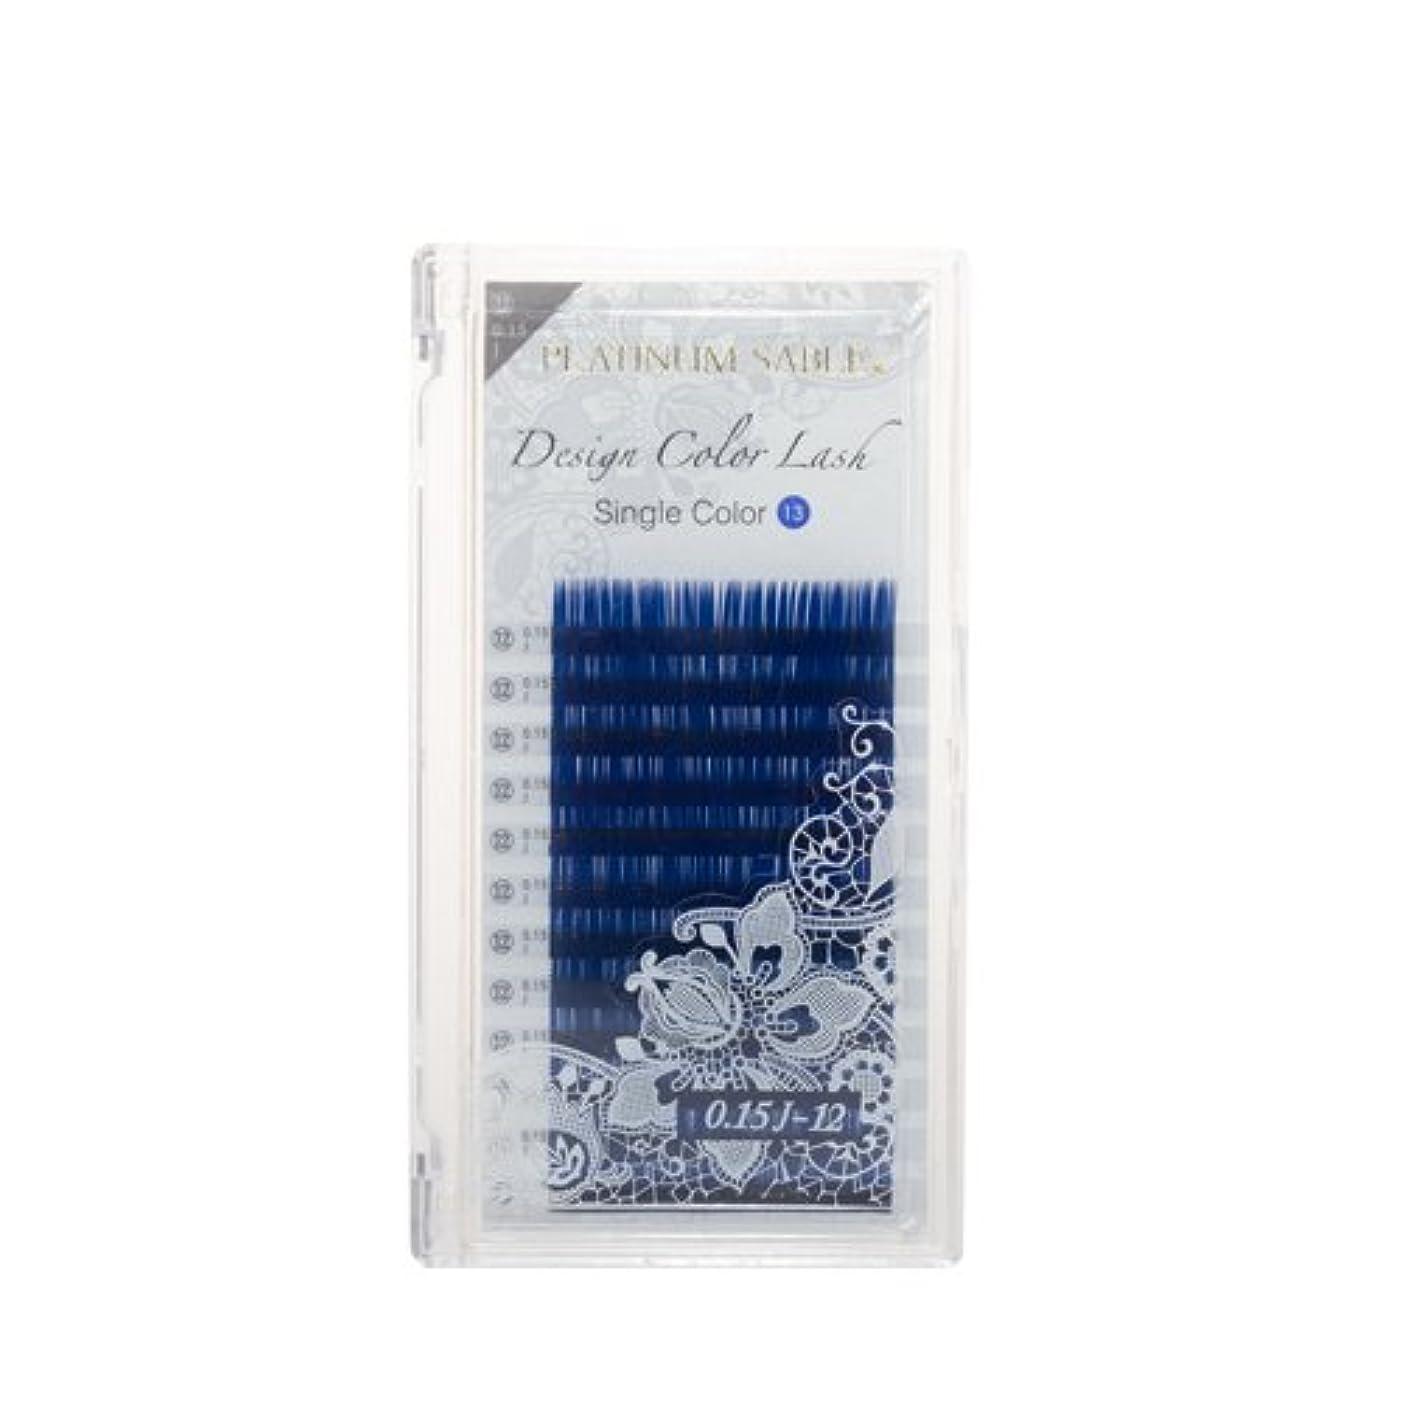 敬礼防水ペチュランスプラチナセーブルデザインカラー0.15mmC13mmロイヤルブルー